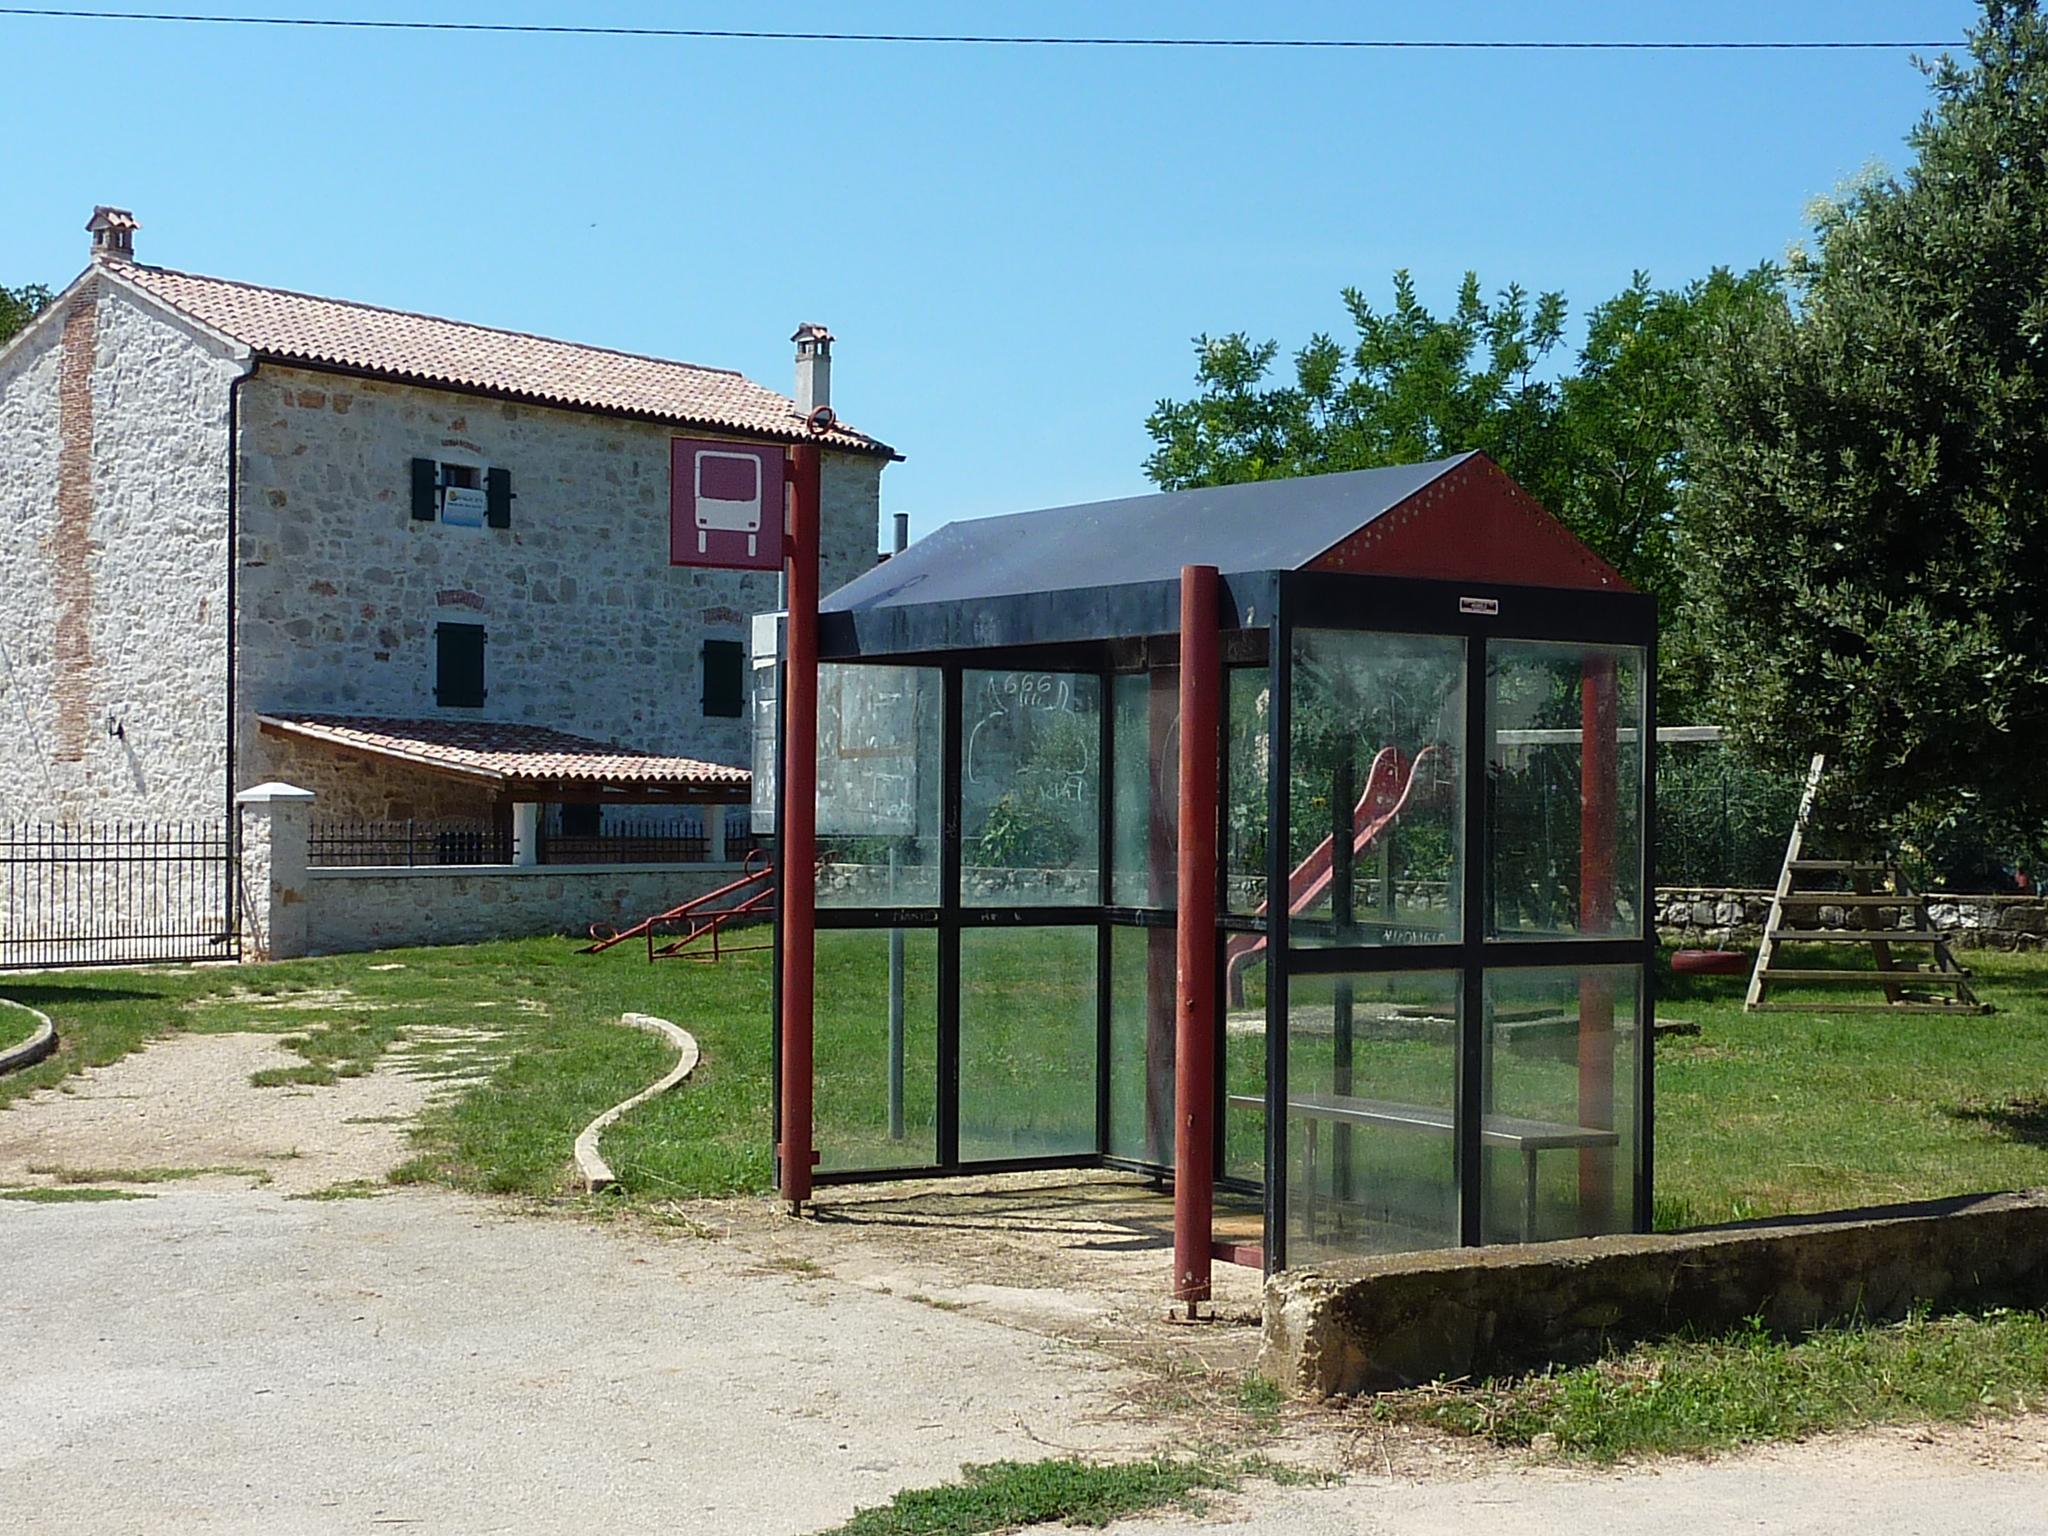 Chorvatsko, Antonic u Porece, 11.8.2010